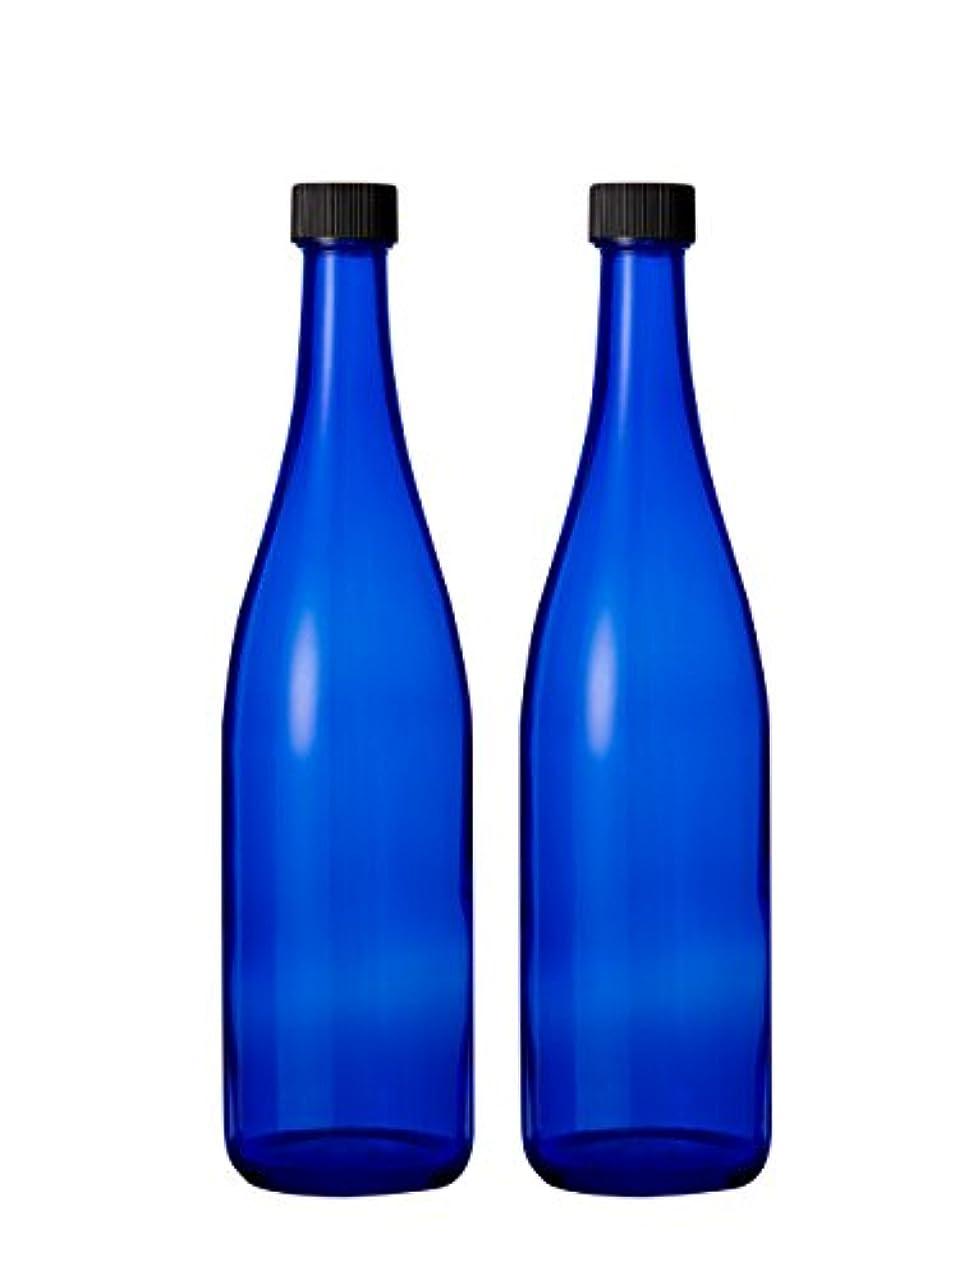 先のことを考える締め切り彼ブルーボトル 2本 ブルーソーラーウォーターに最適 720ml